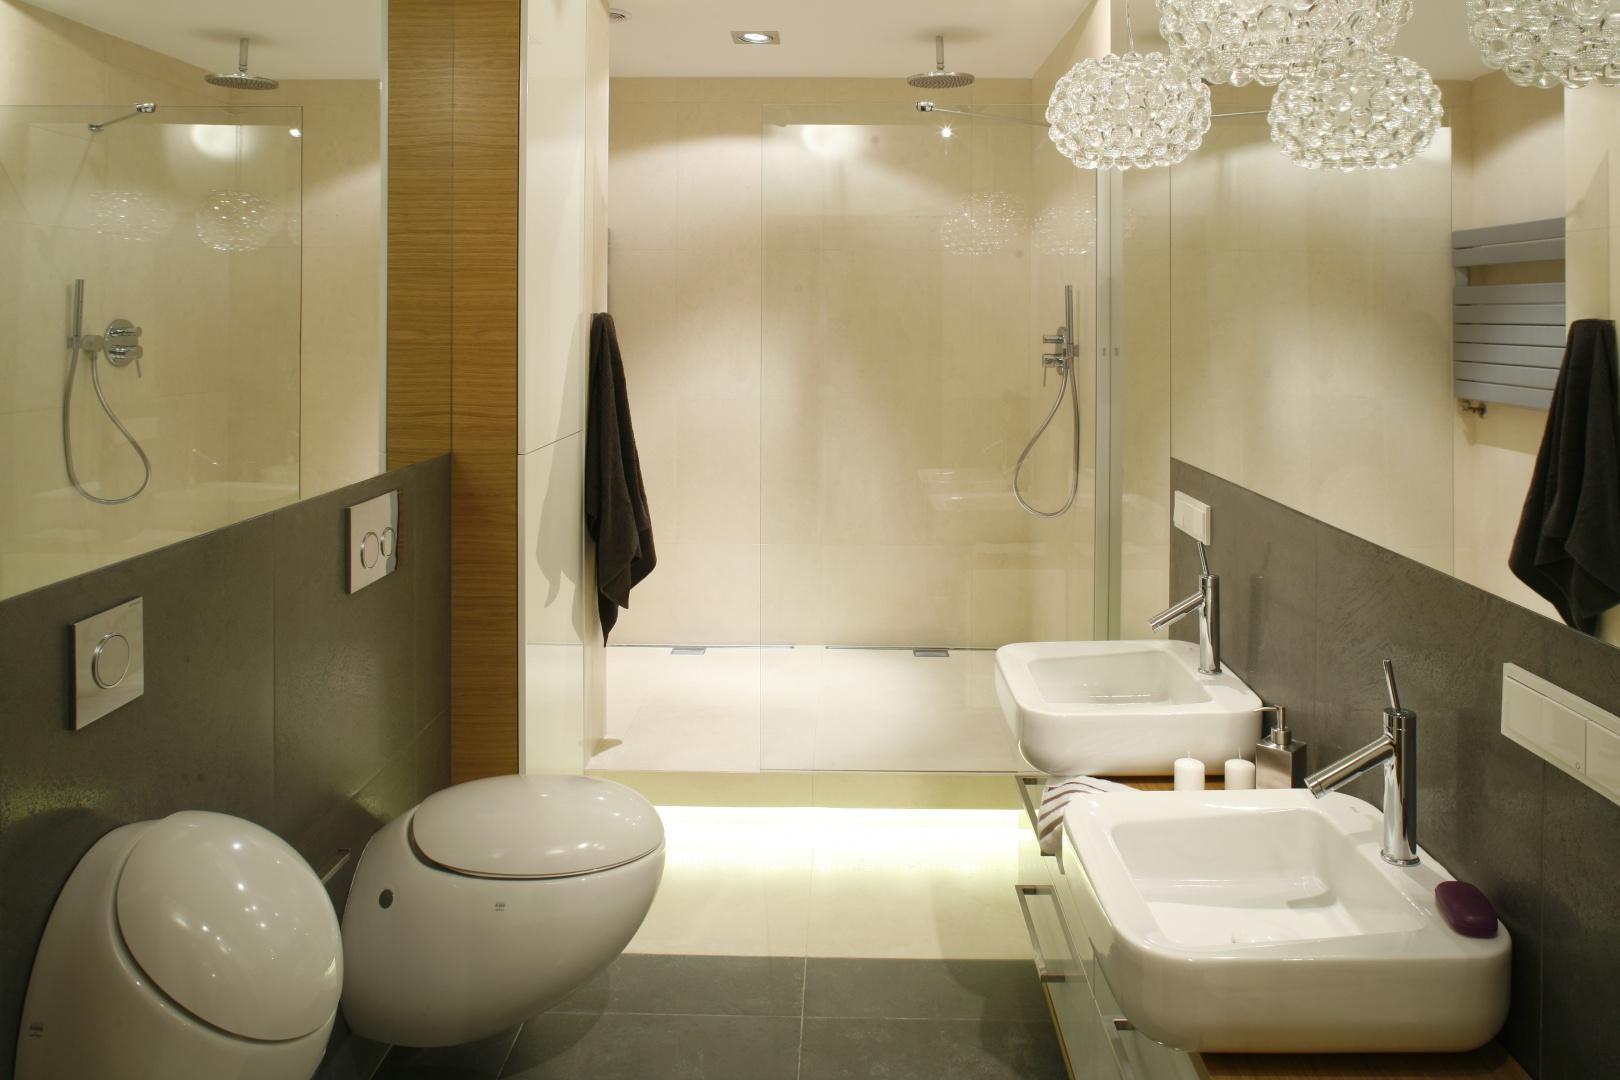 Łazienka przeznaczona dla pani i pana domu została wyposażona w dwa sanitariaty: sedes i pisuar, a także dwie umywalki aby każdy  z użytkowników mógł korzystać z łazienki swobodnie i komfortowo. Projekt: Monika i Adam Bronikowscy. Fot. Jarosz Jarosz